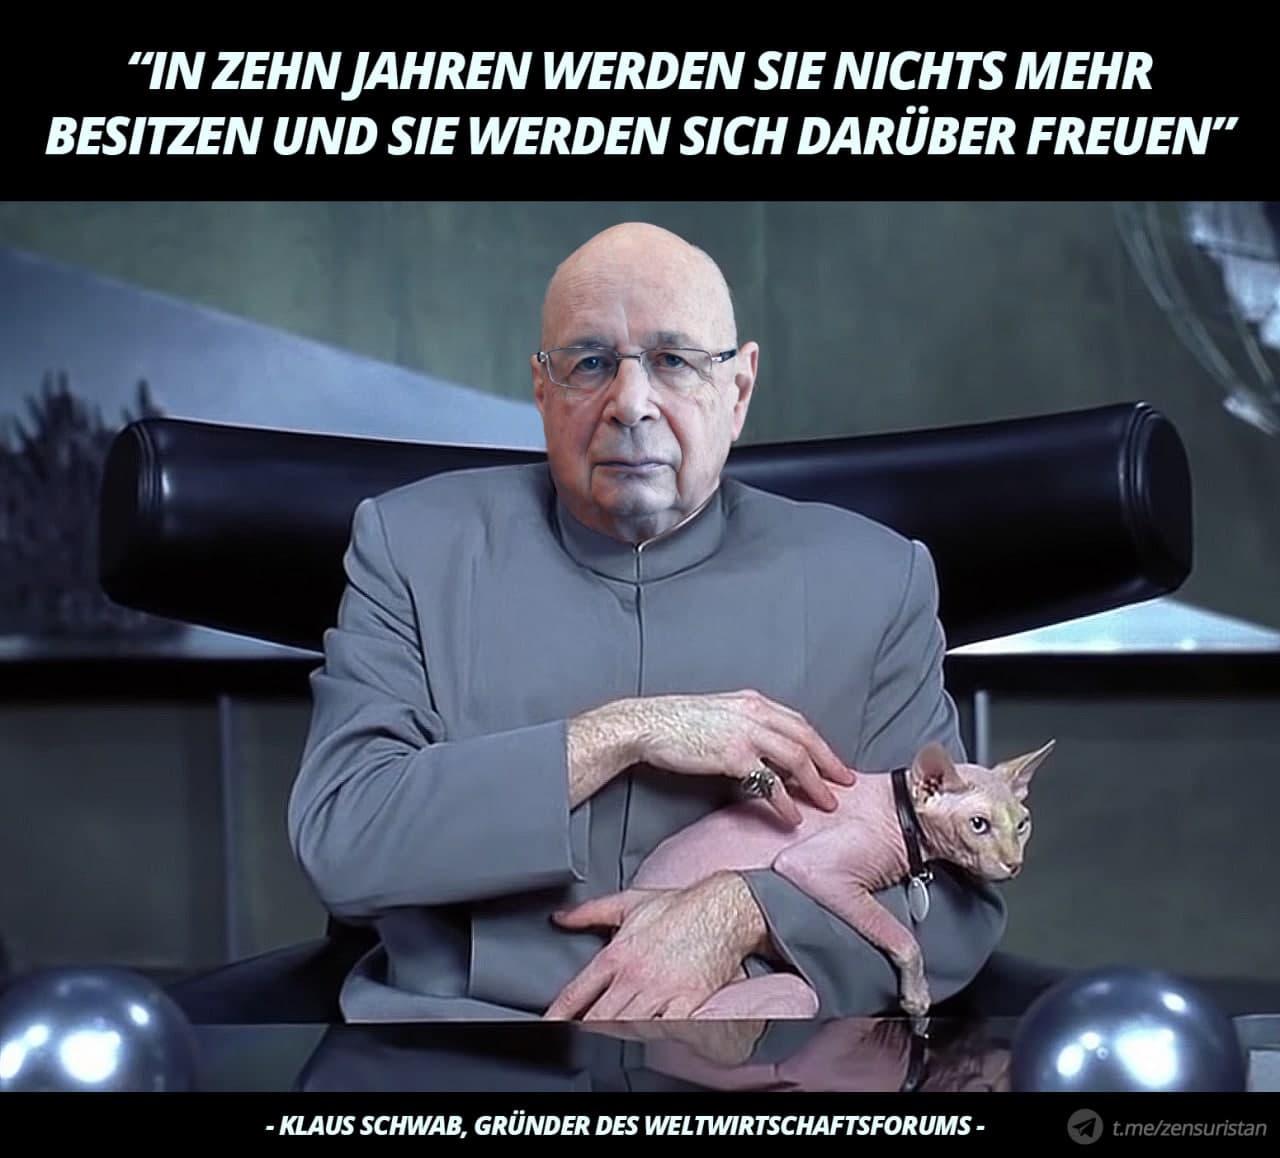 Klaus von Blofeld